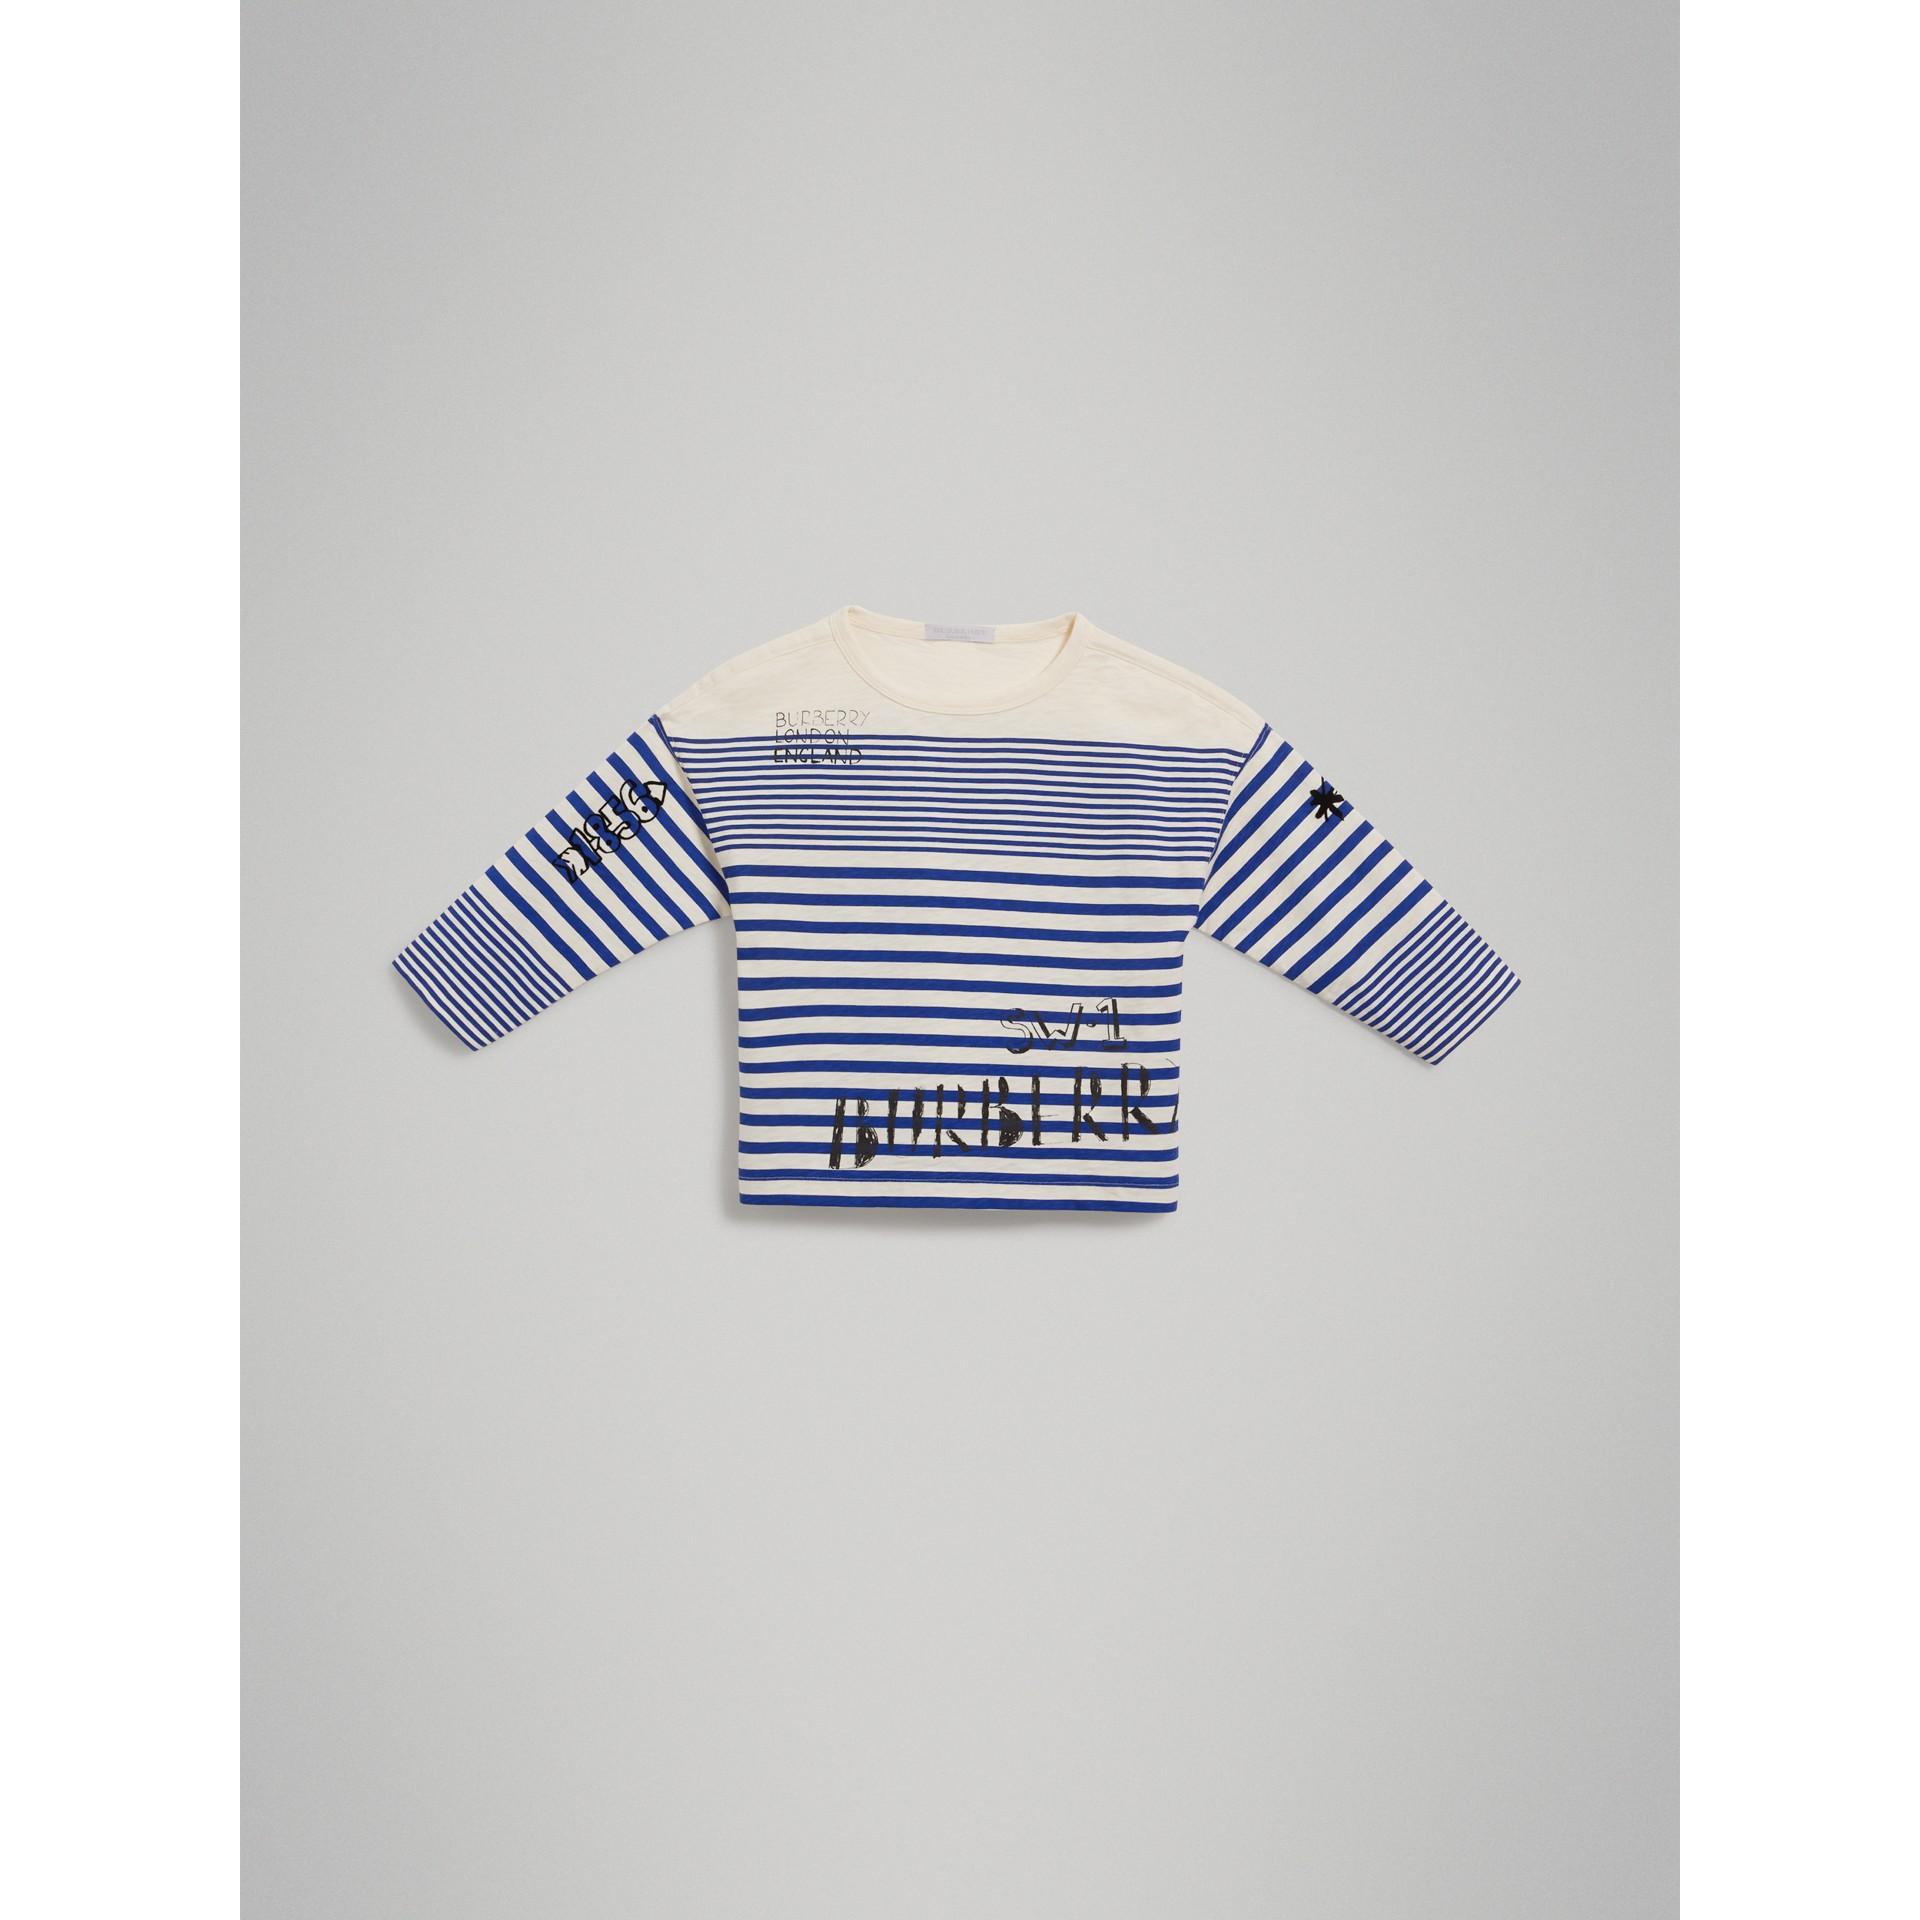 Haut en coton rayé avec imprimé SW1 (Lapis Vif/blanc Naturel) - Garçon | Burberry - photo de la galerie 2